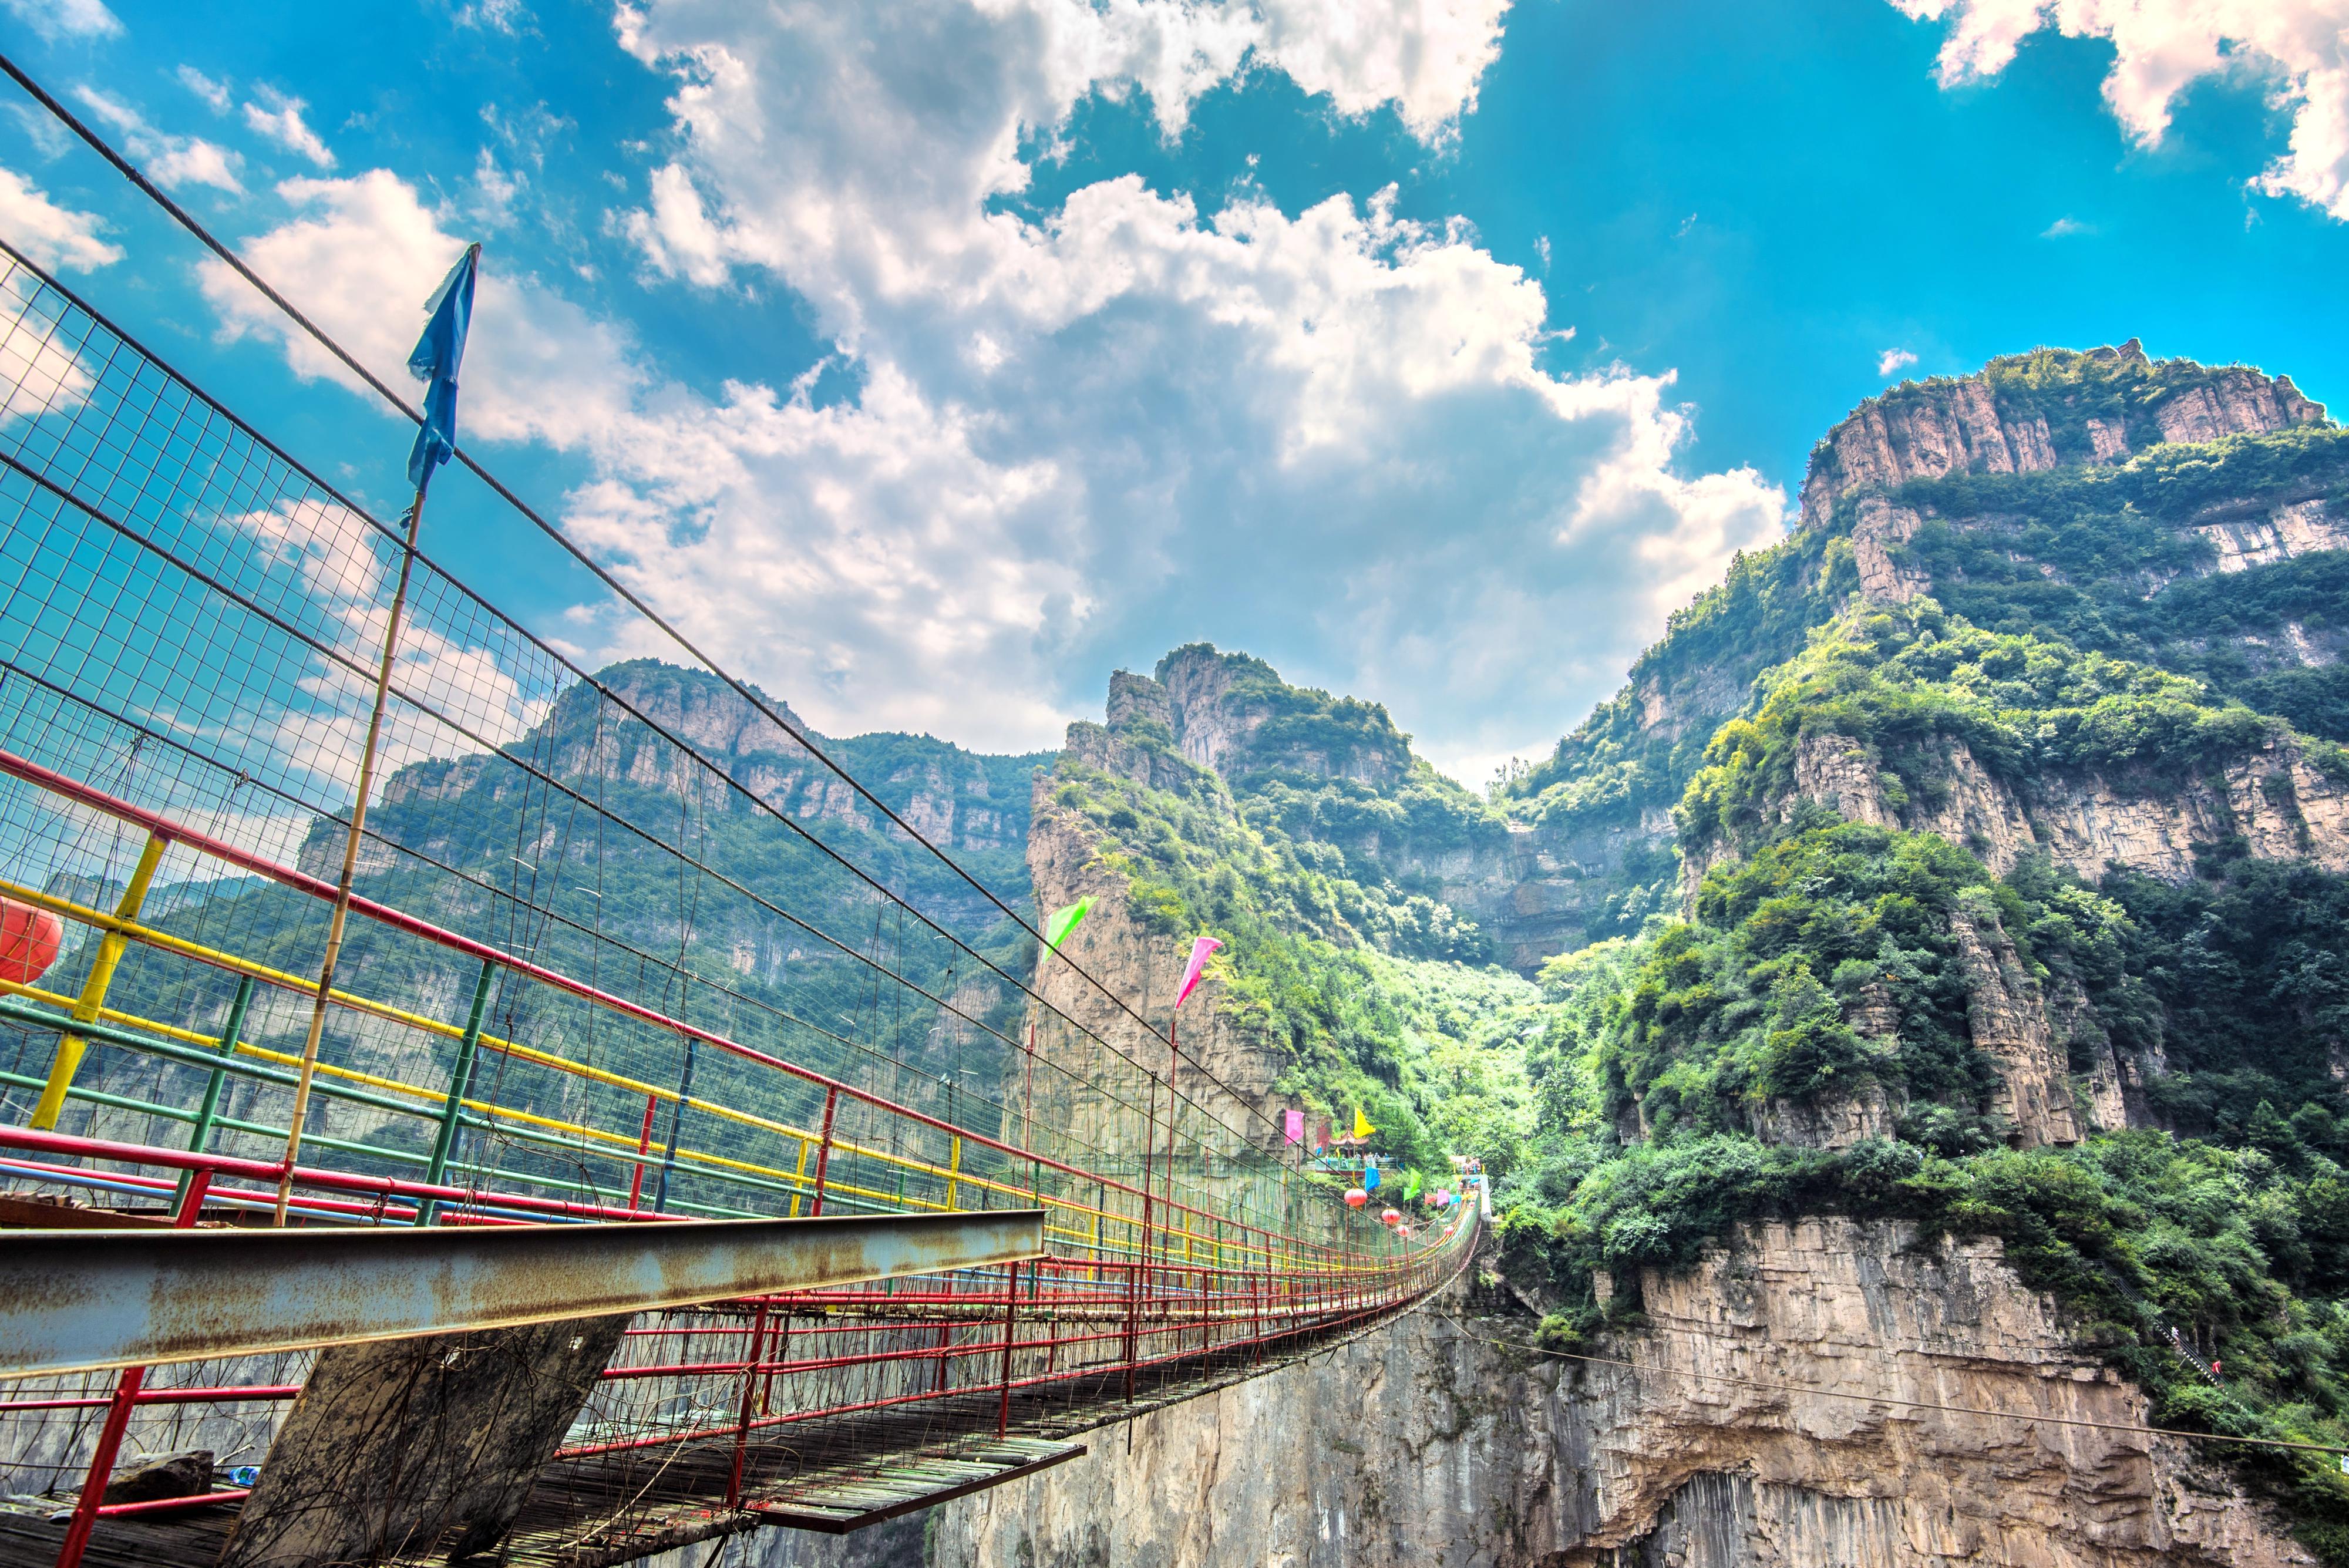 Tianji Mountain Scenic Area